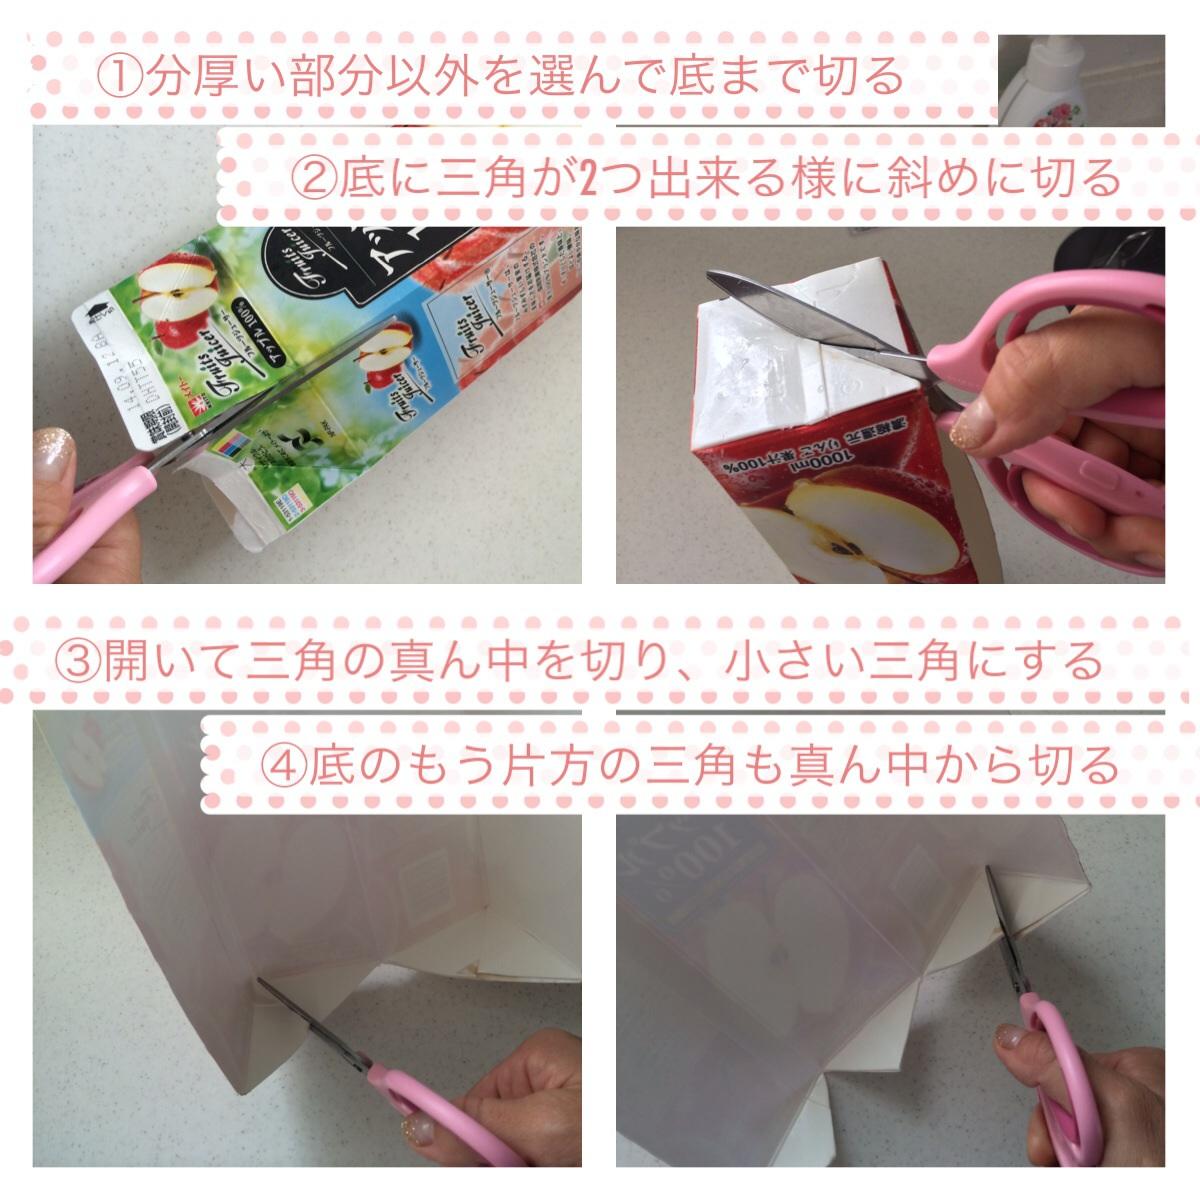 b0349790_20375558.jpg